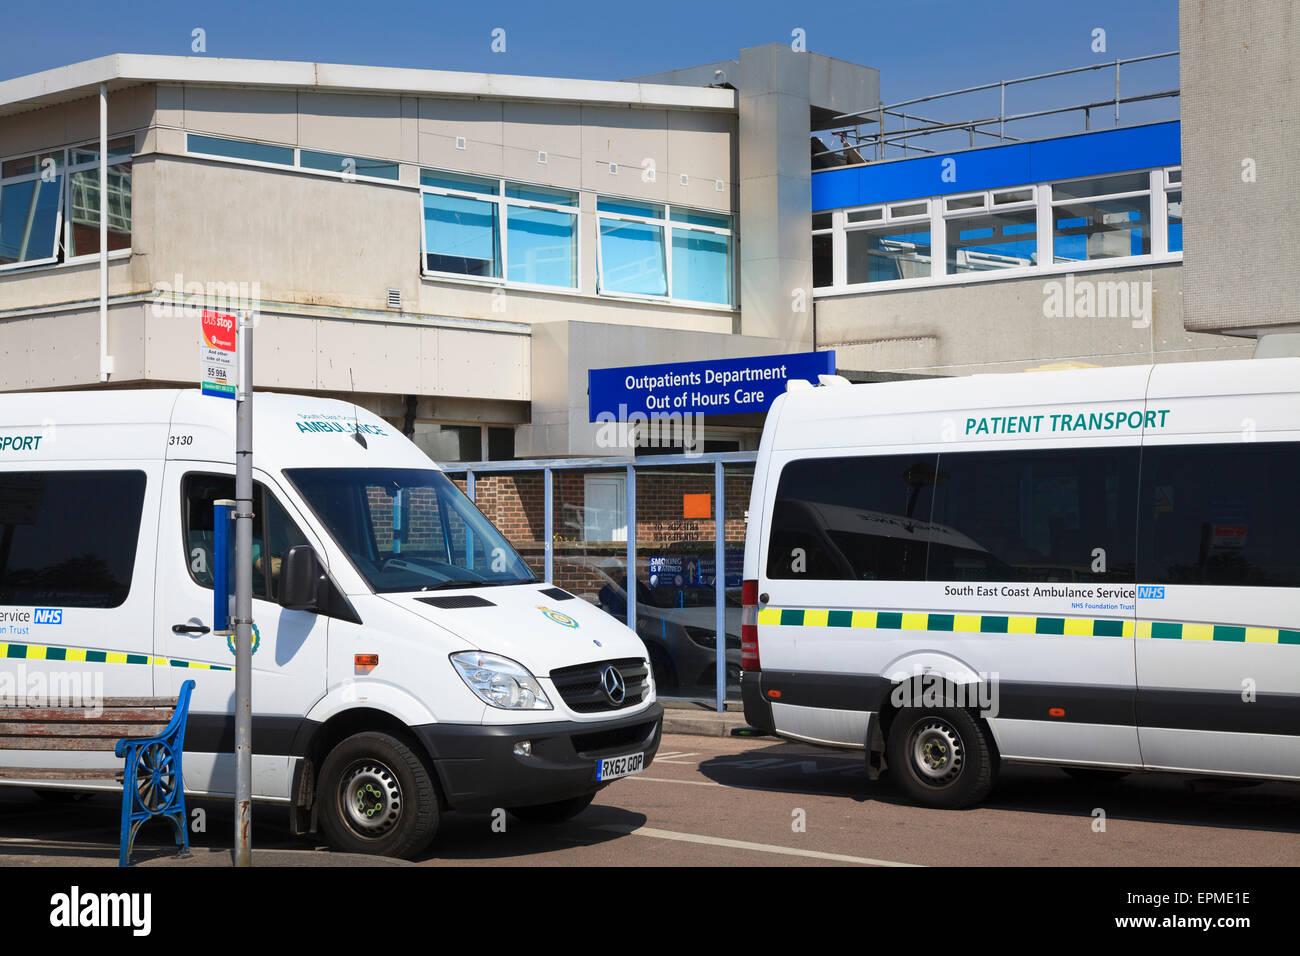 Les véhicules de transport de patients hospitalisés à l'extérieur de l'entrée du Photo Stock